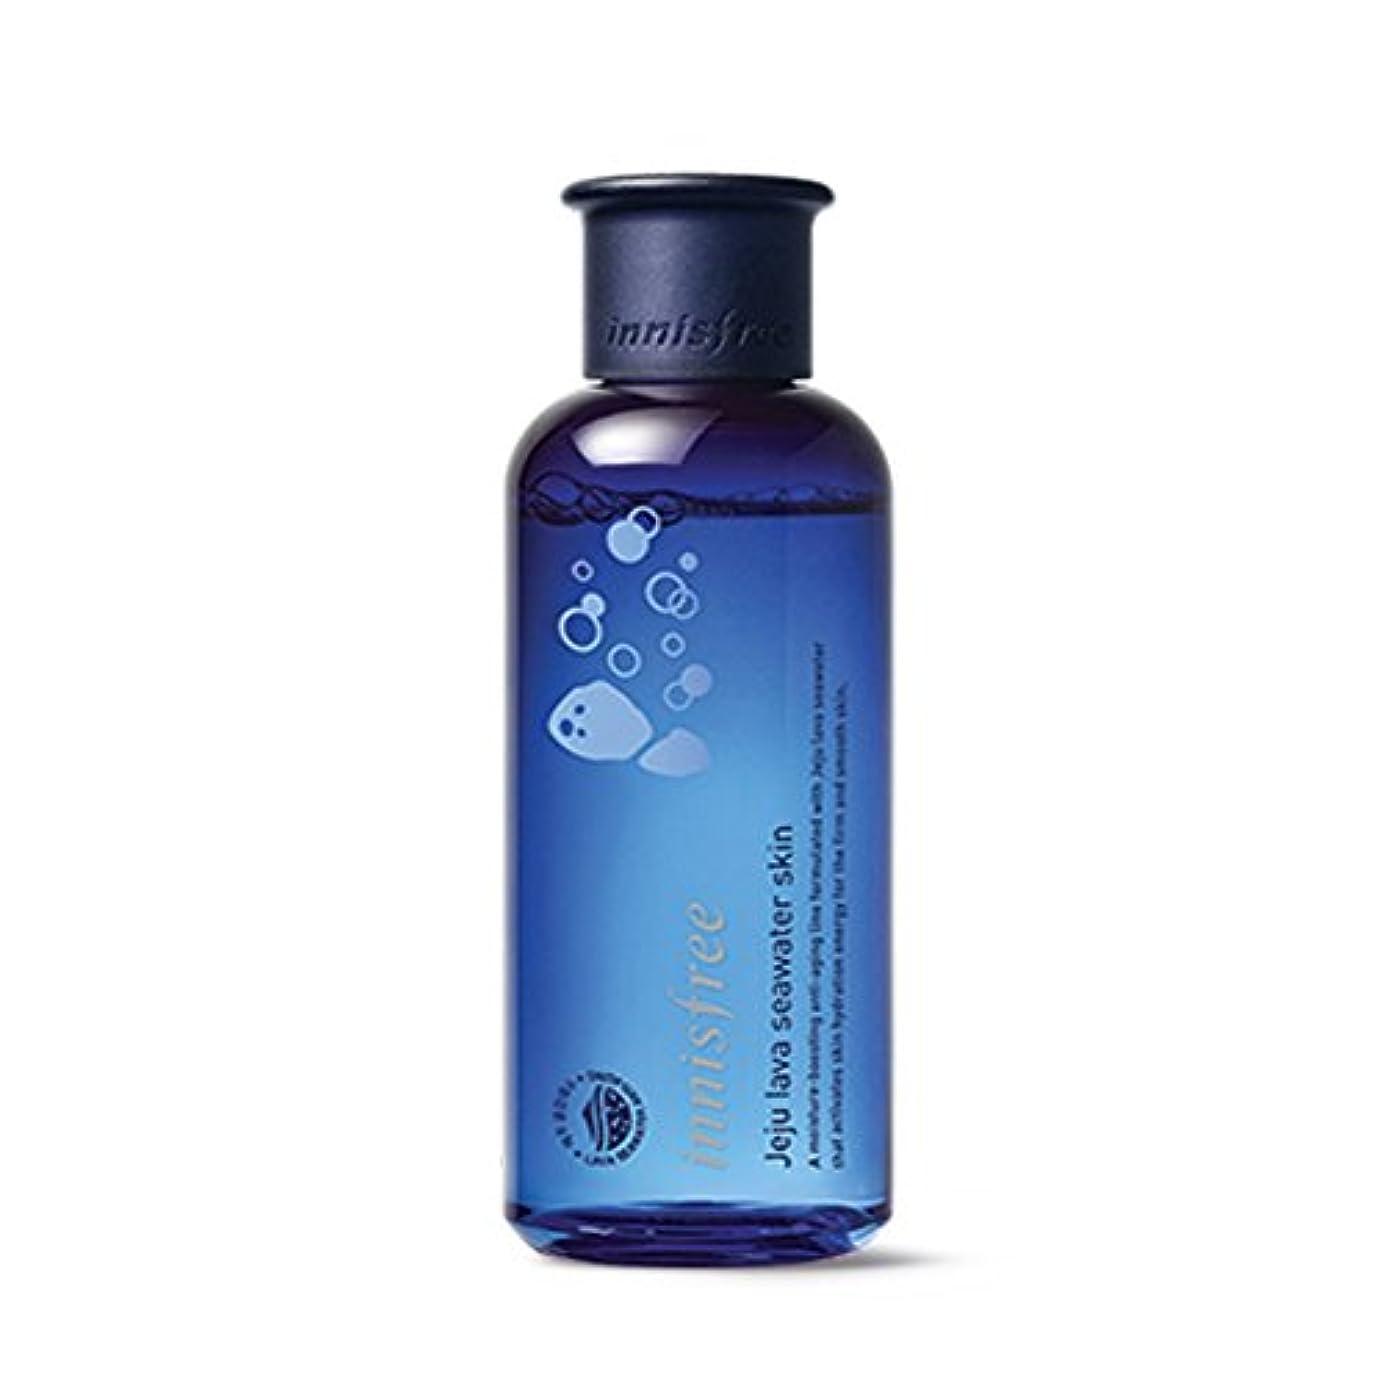 ぬるい泥棒つま先イニスフリージェジュラブシーウォータースキン(トナー)200ml Innisfree Jeju Lava Seawater Skin(Toner) 200ml [外直送品][並行輸入品]